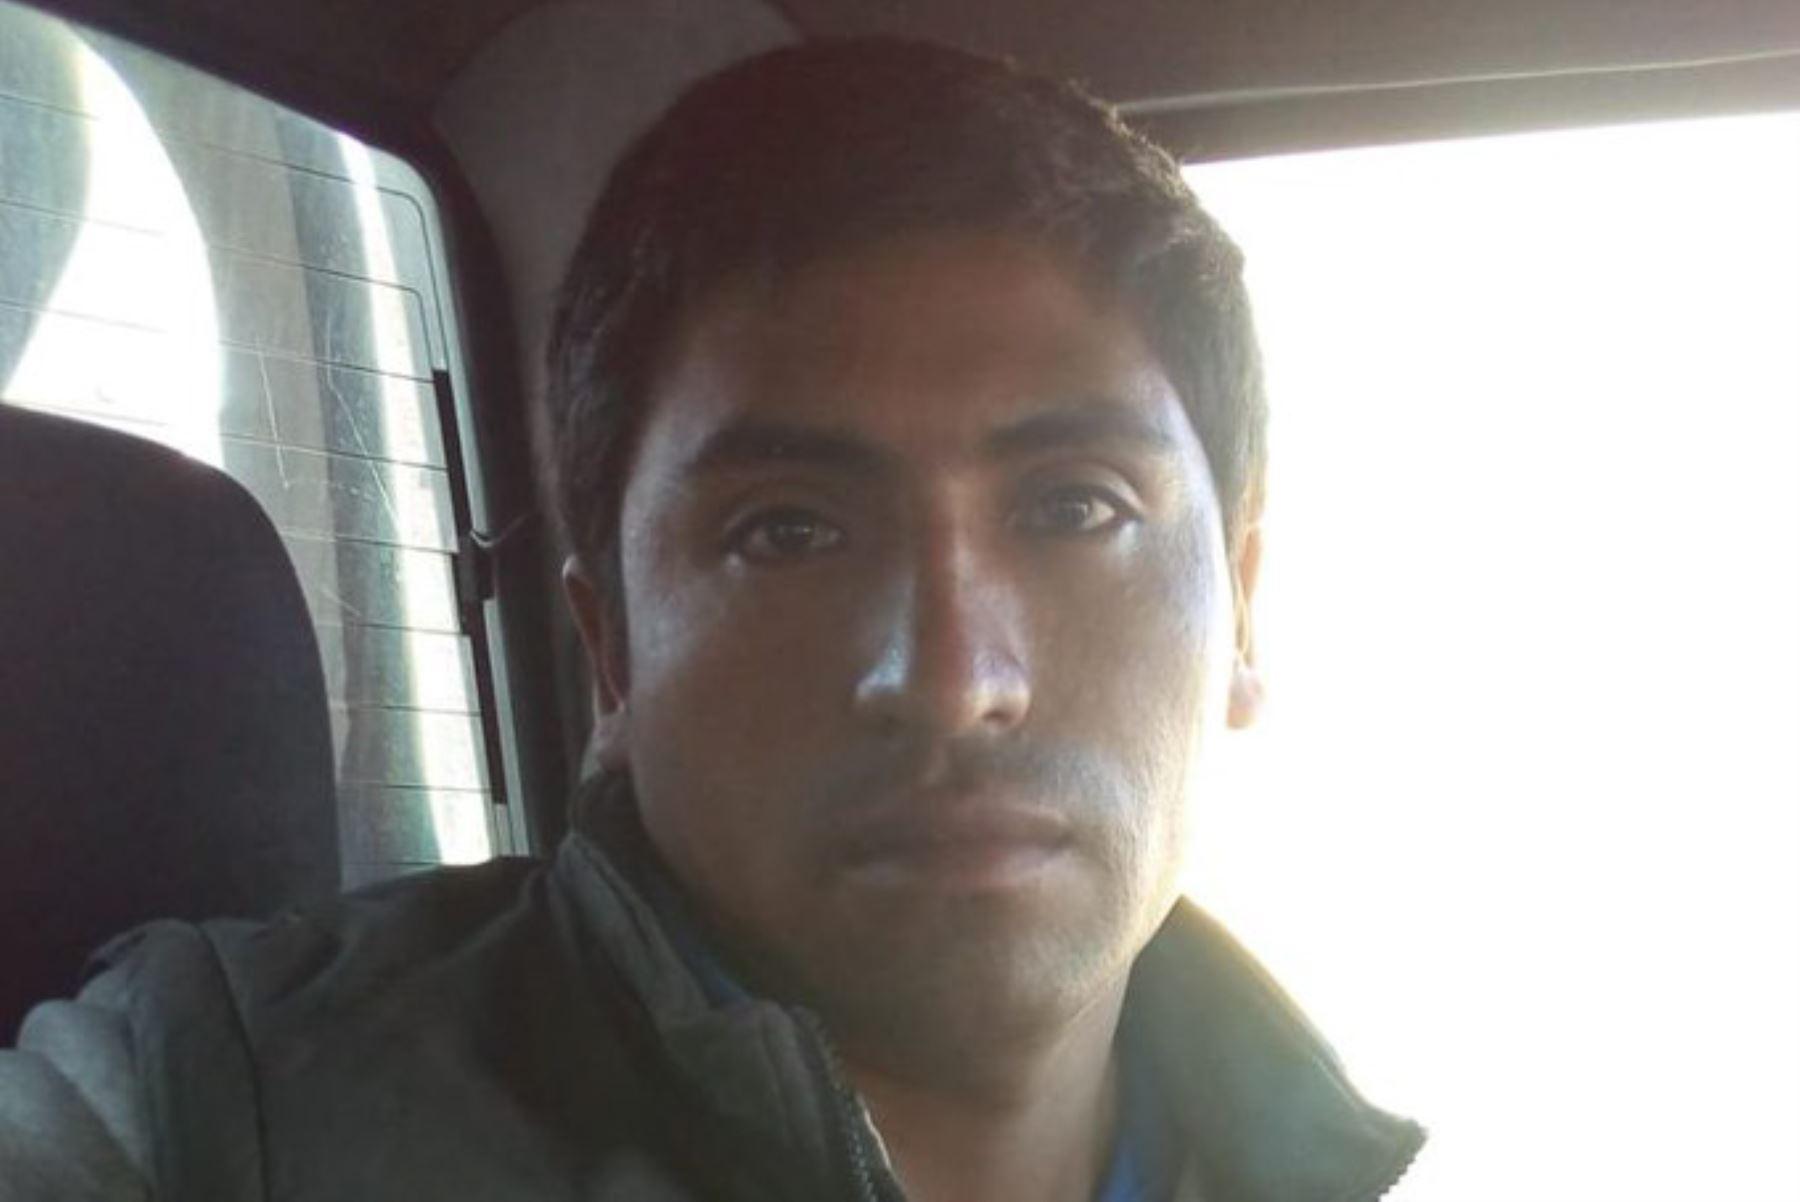 Agentes de la Policía Nacional del Perú (PNP) capturaron a Digber Álvarez Vera, de 28 años de edad, quien habría asesinado a su pareja en el interior de su vivienda ubicada en el distrito de Quequeña, en la región Arequipa. Se trata del segundo caso de feminicidio de este año.